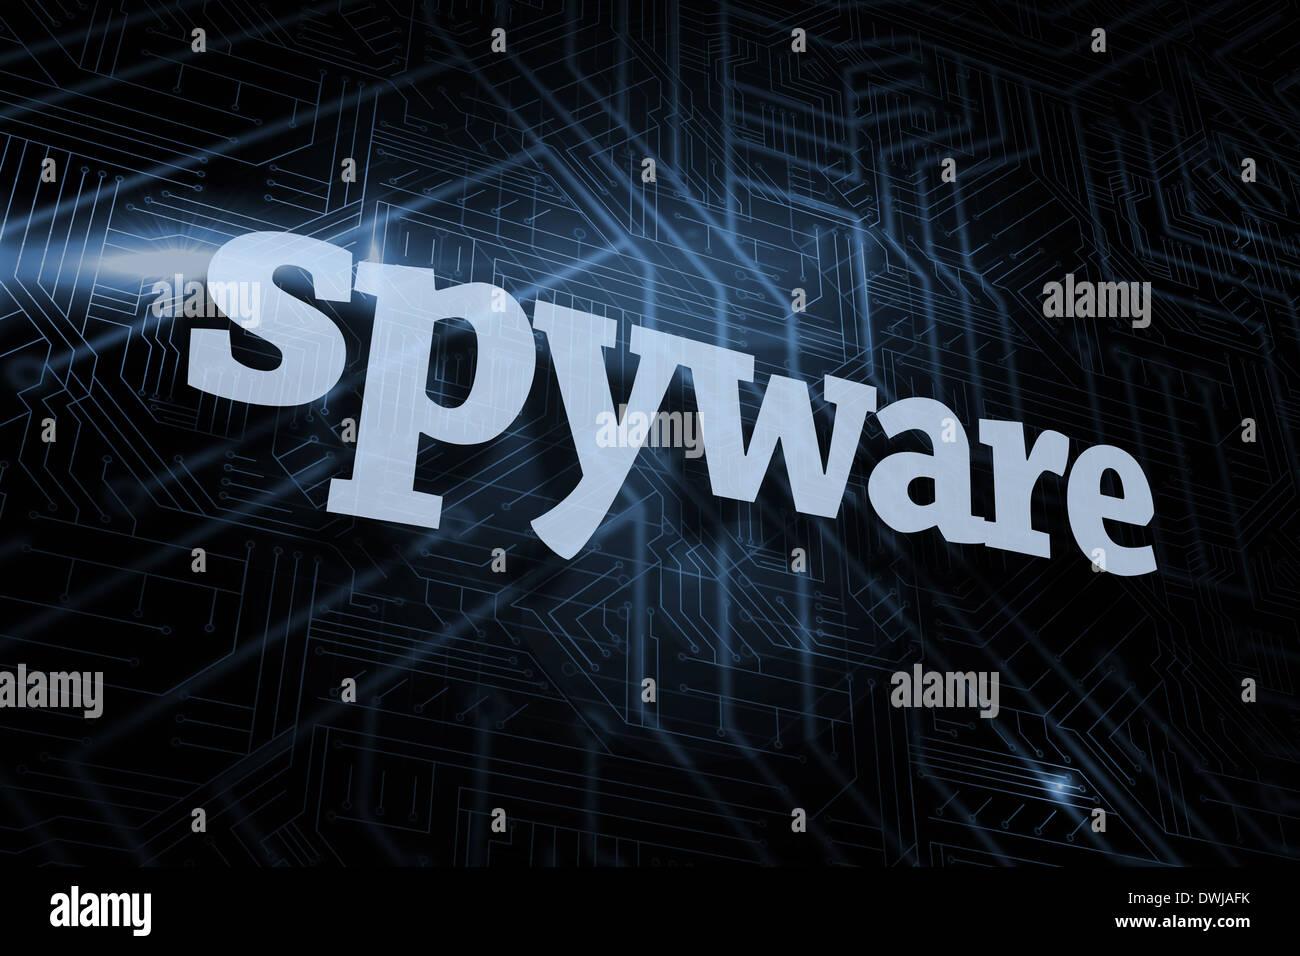 Spyware contra el fondo azul y negro futurista Imagen De Stock